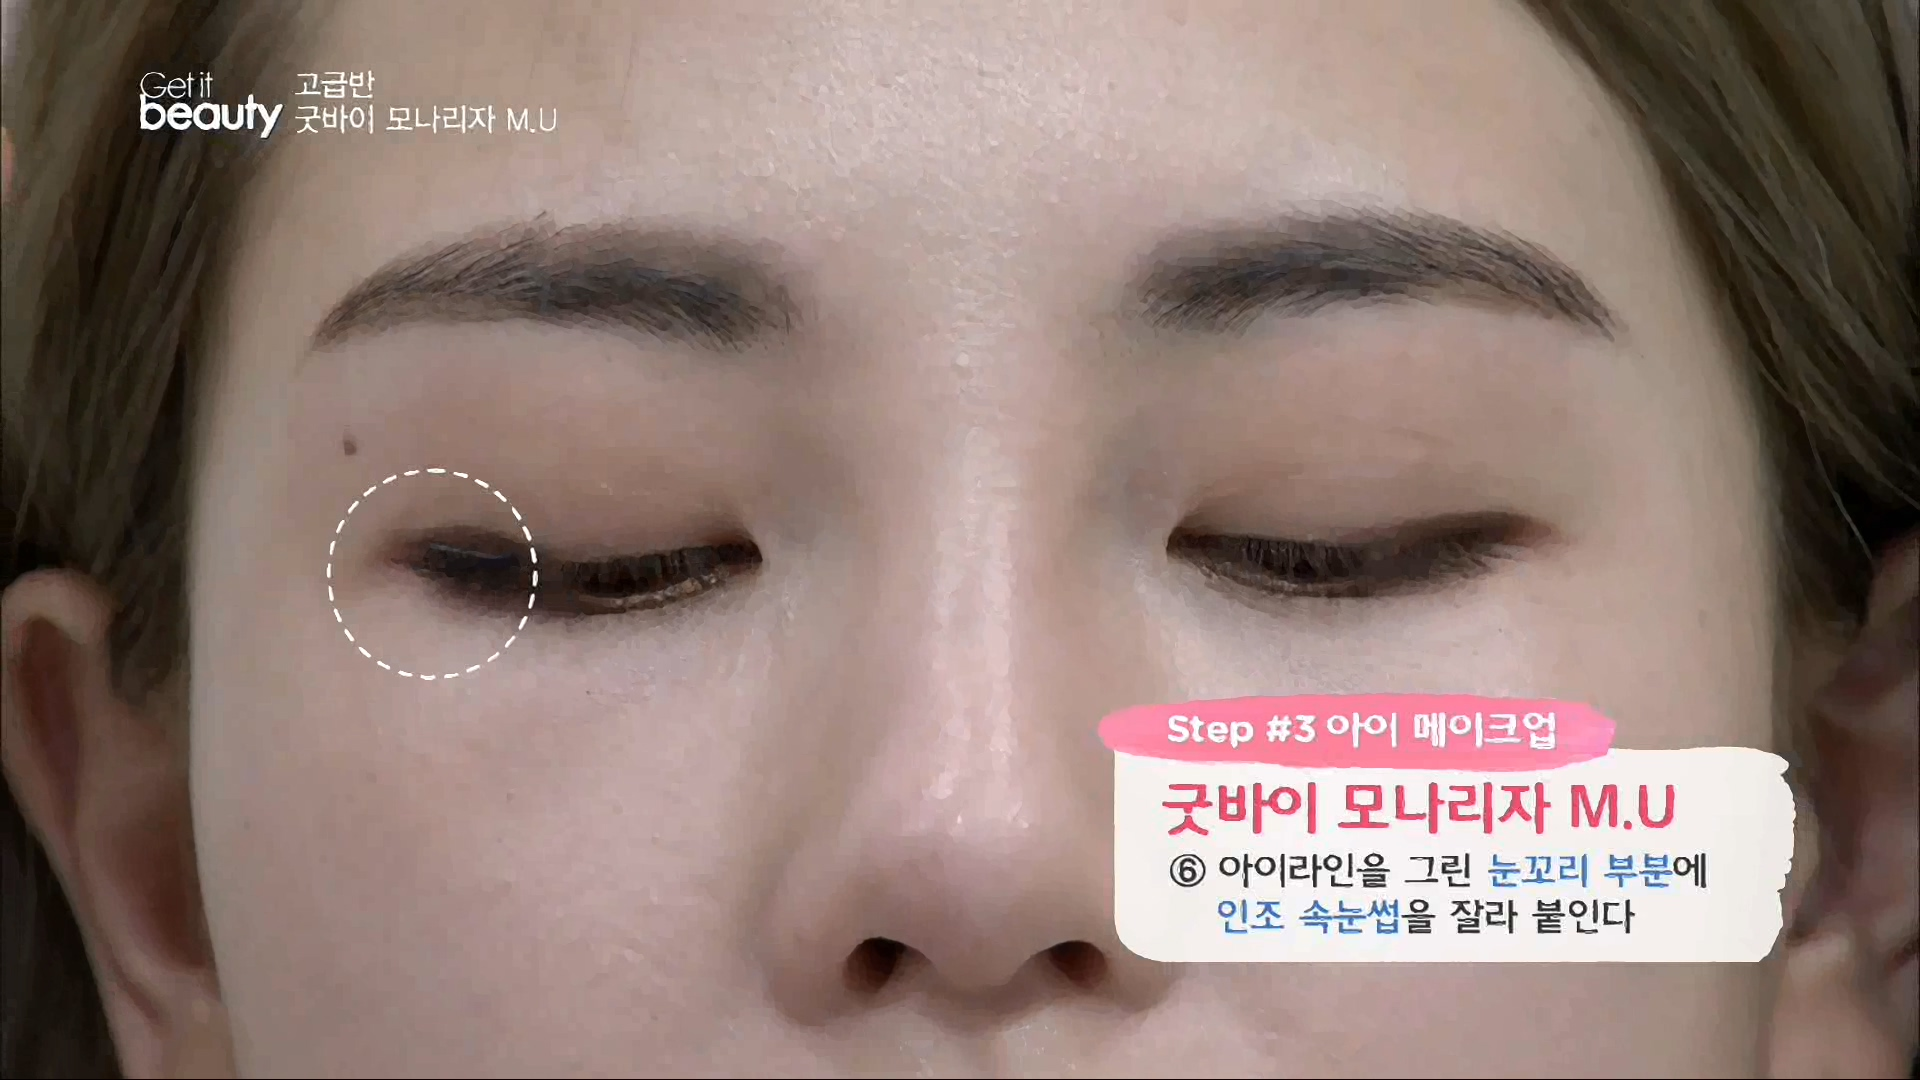 Step#3 아이 메이크업 6.아이라인을 그린 눈꼬리 부분에 인조 속눈썹을 잘라 붙인다.